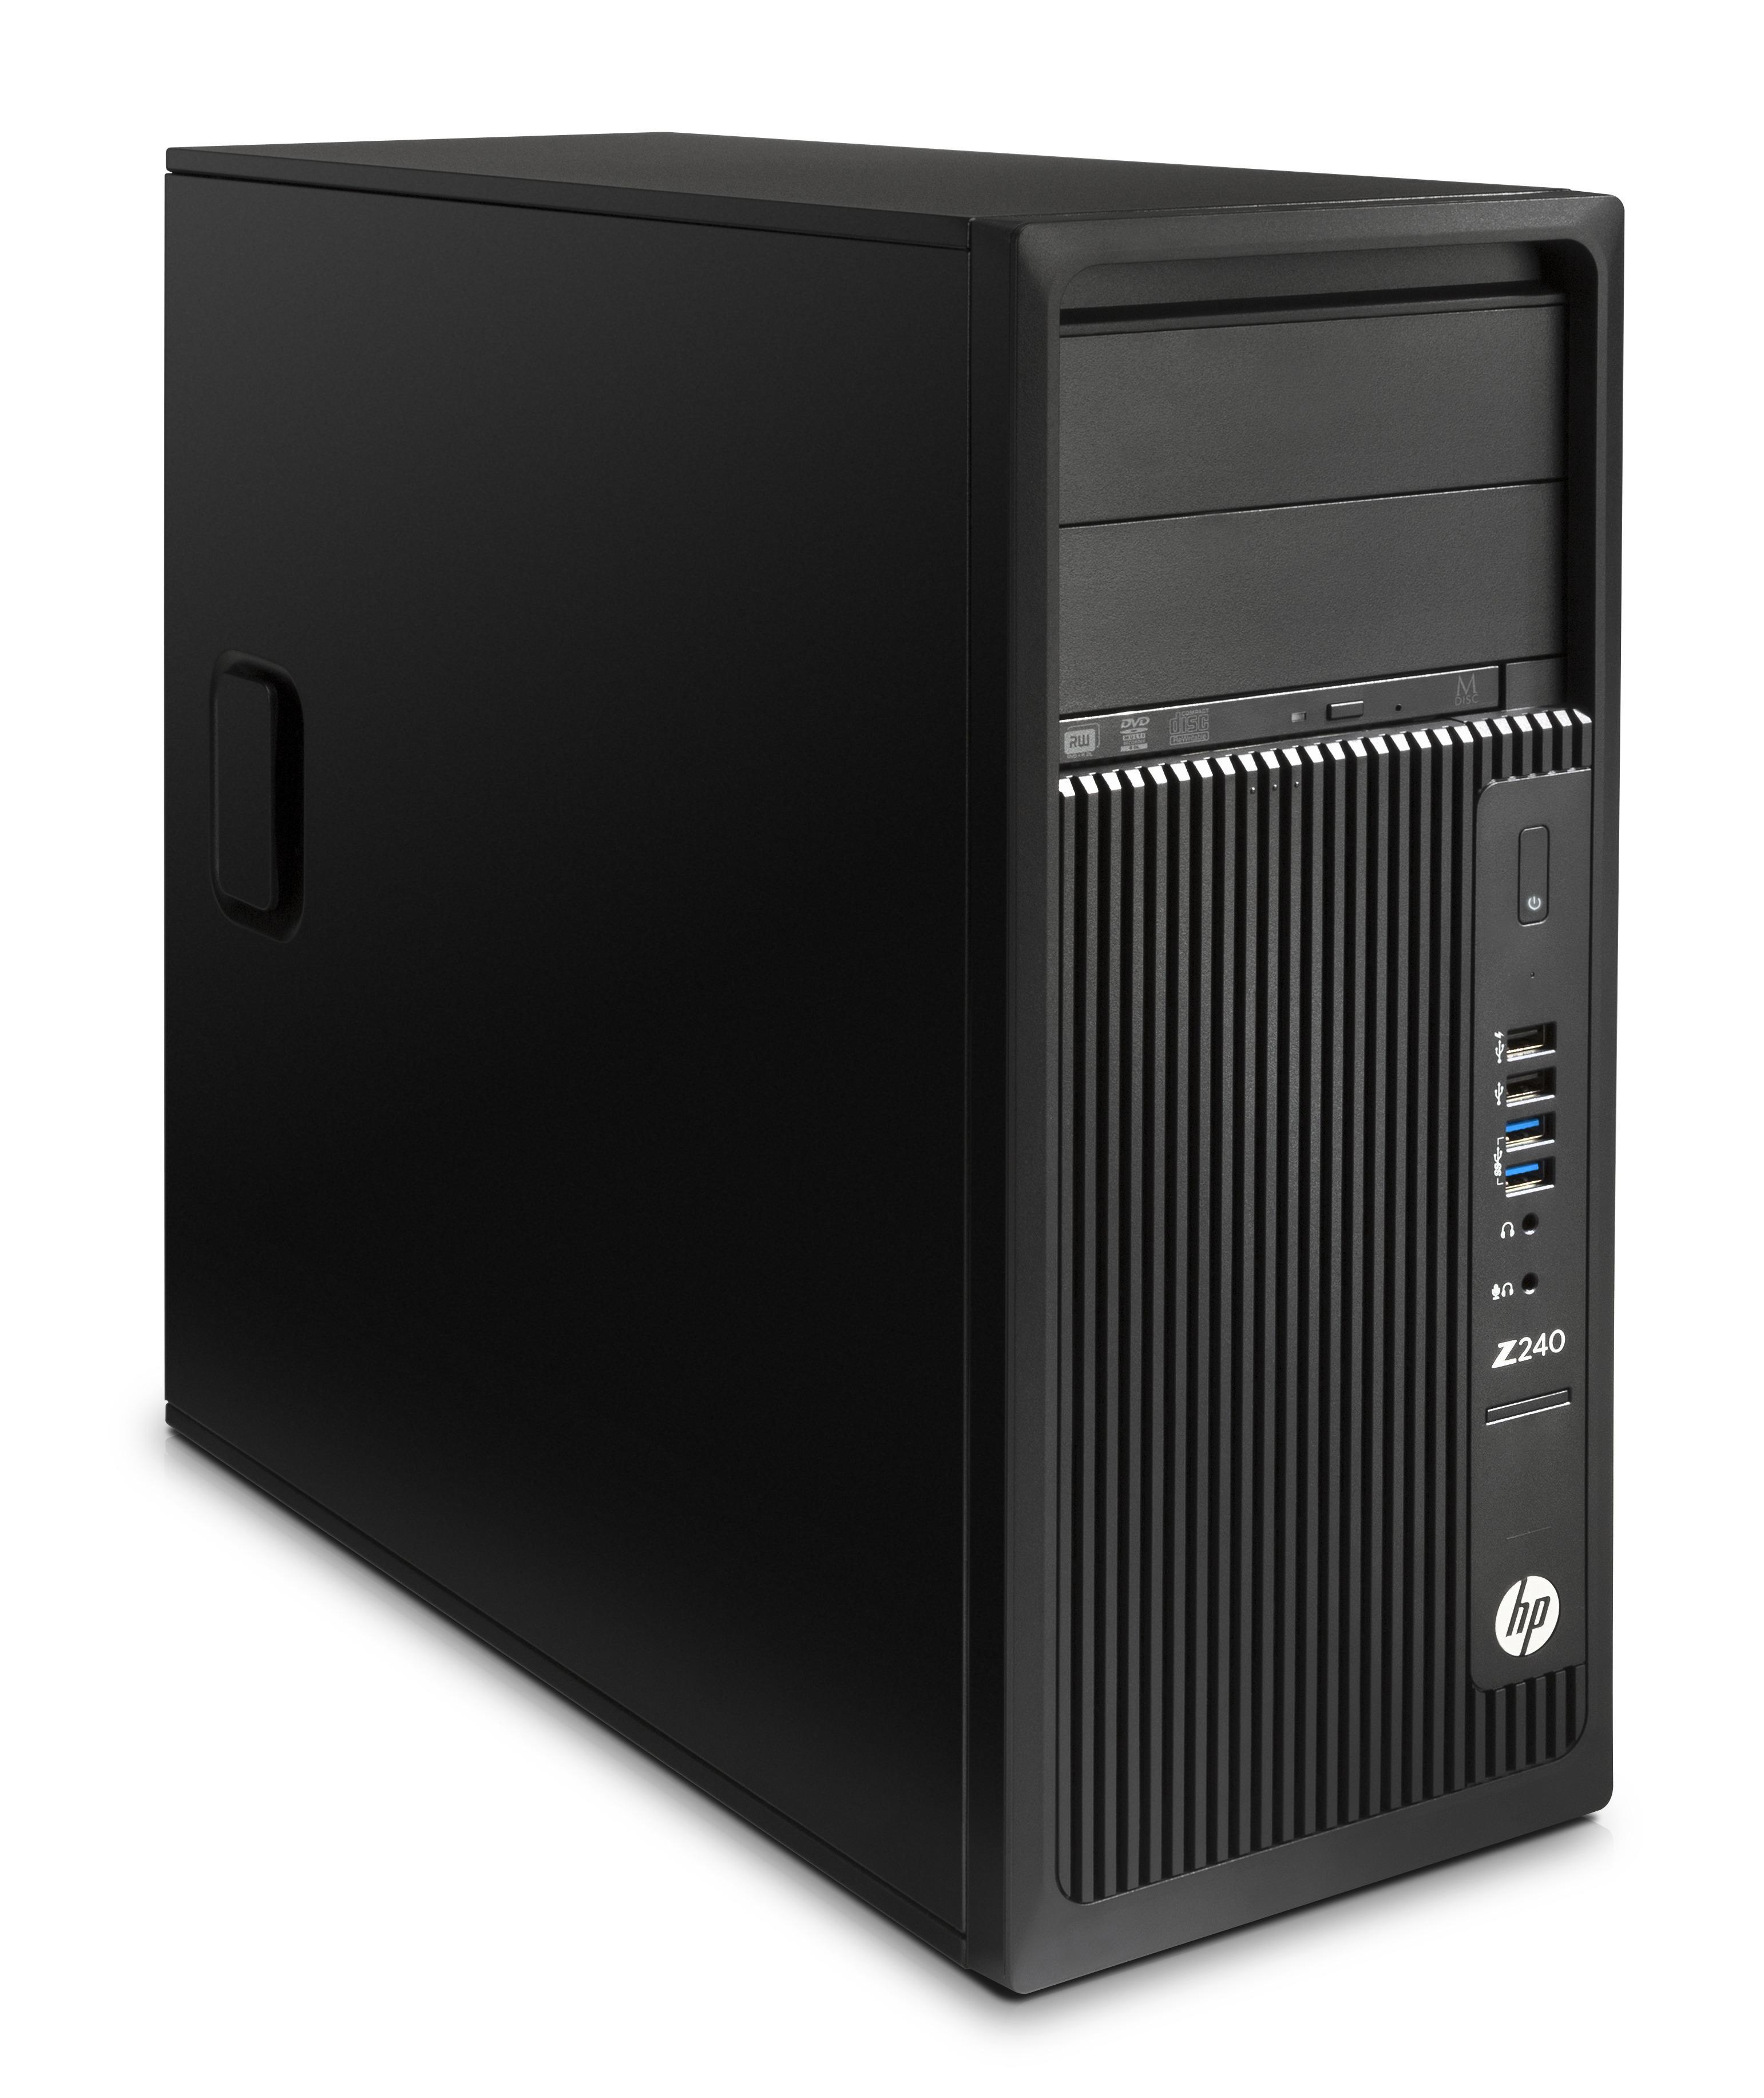 HP Z240 Tower + Zero-X Raven+ Drone 3.3GHz E3-1225V5 Torre Intel® Xeon® E3 v5 Nero Stazione di lavoro